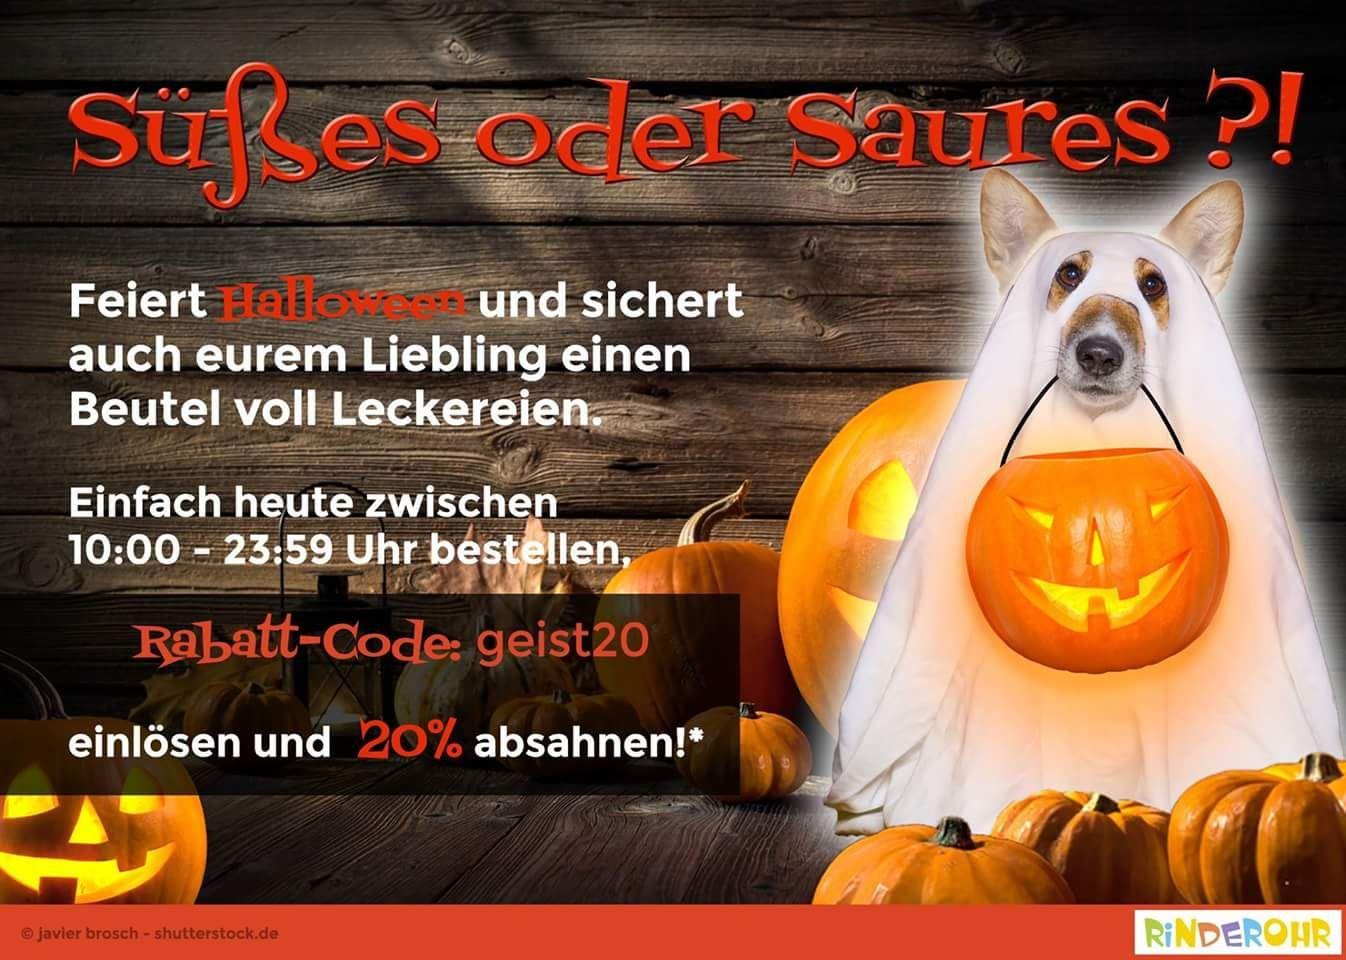 20% auf alles nur am 31.10.17 bis 23:59 auf www.rinderohr.de